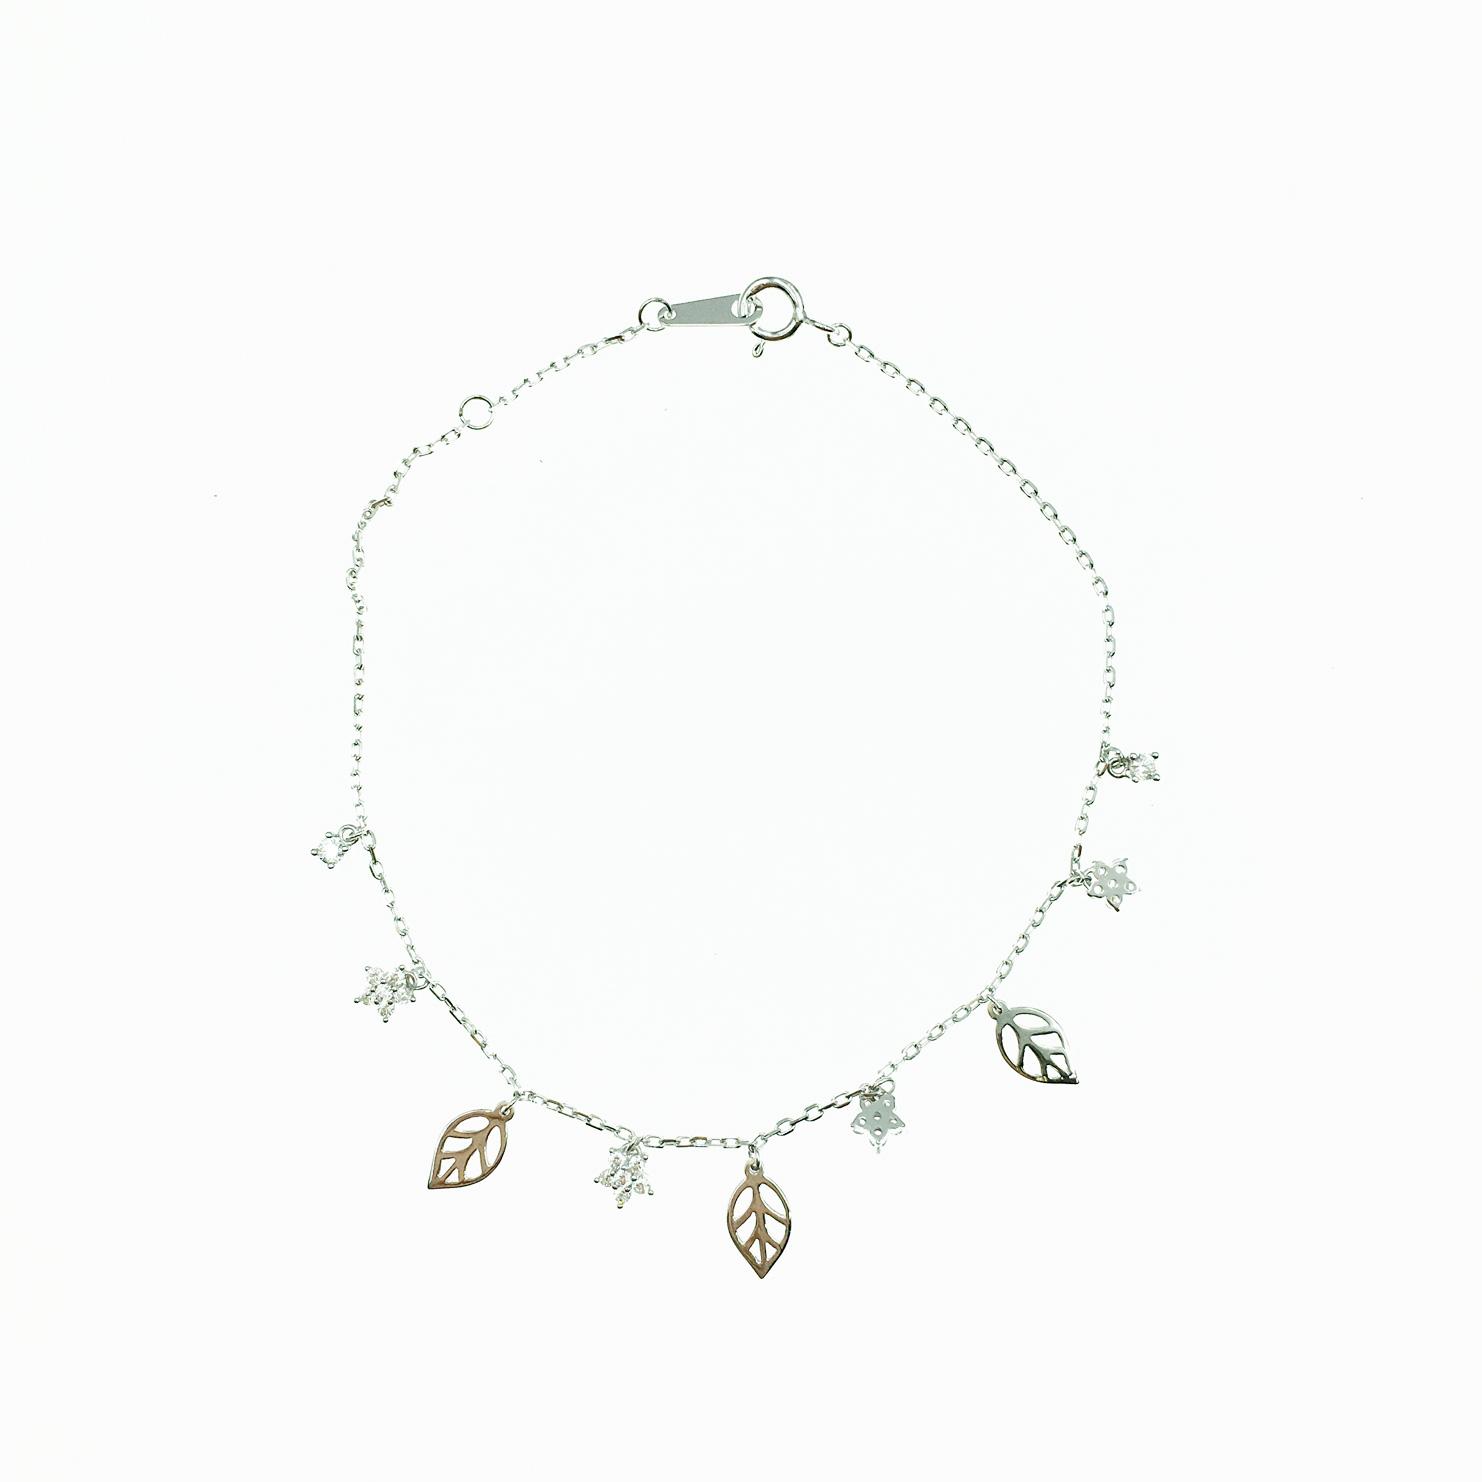 韓國 925純銀 簍空 葉子造型 星星 水鑽 小清新 質感 手飾 手鍊